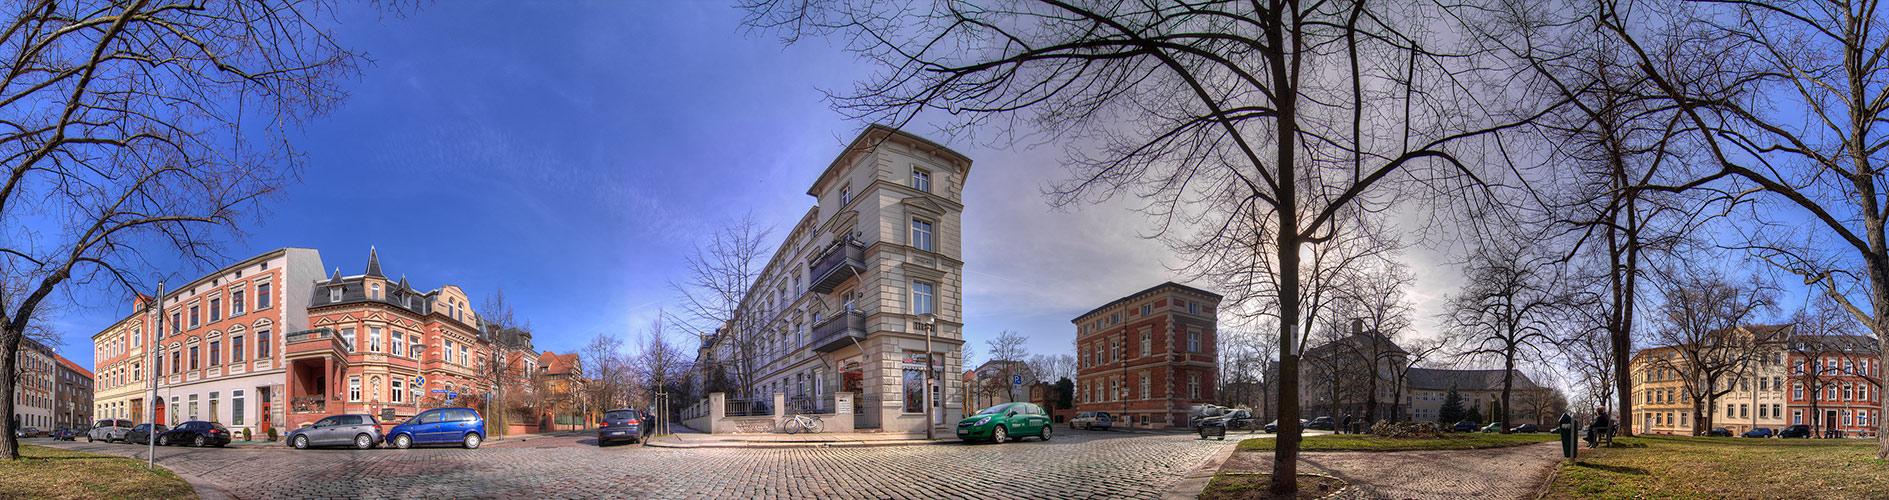 Thomas-Müntzer-Platz